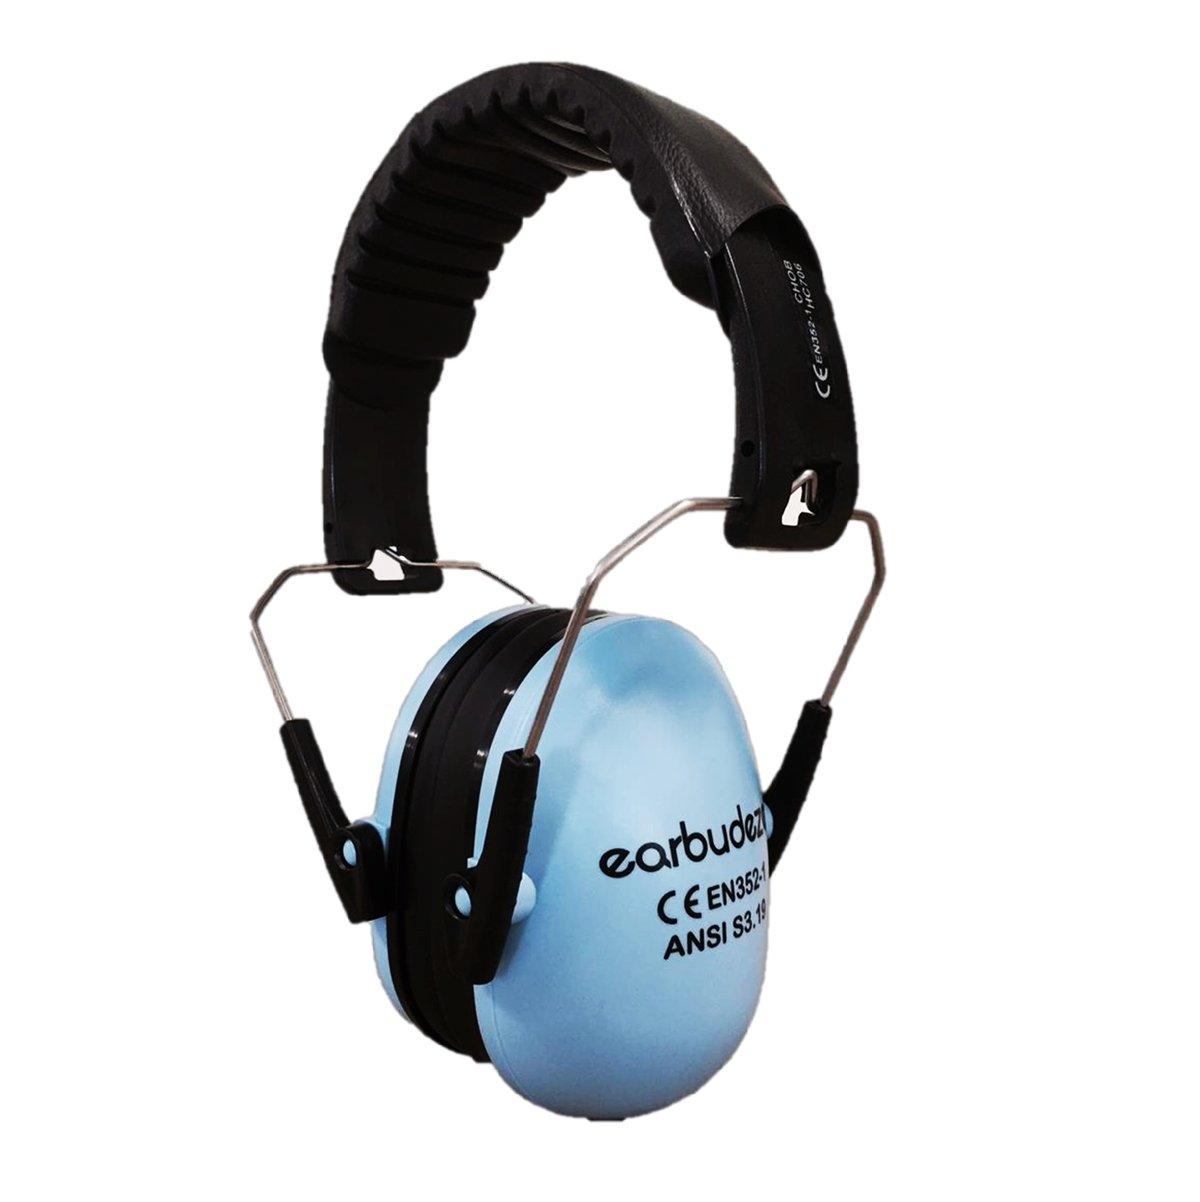 子供と大人のためのEarbudeze Ear Defenders/Ear Protector(スカイブルー) B010T1VF6M